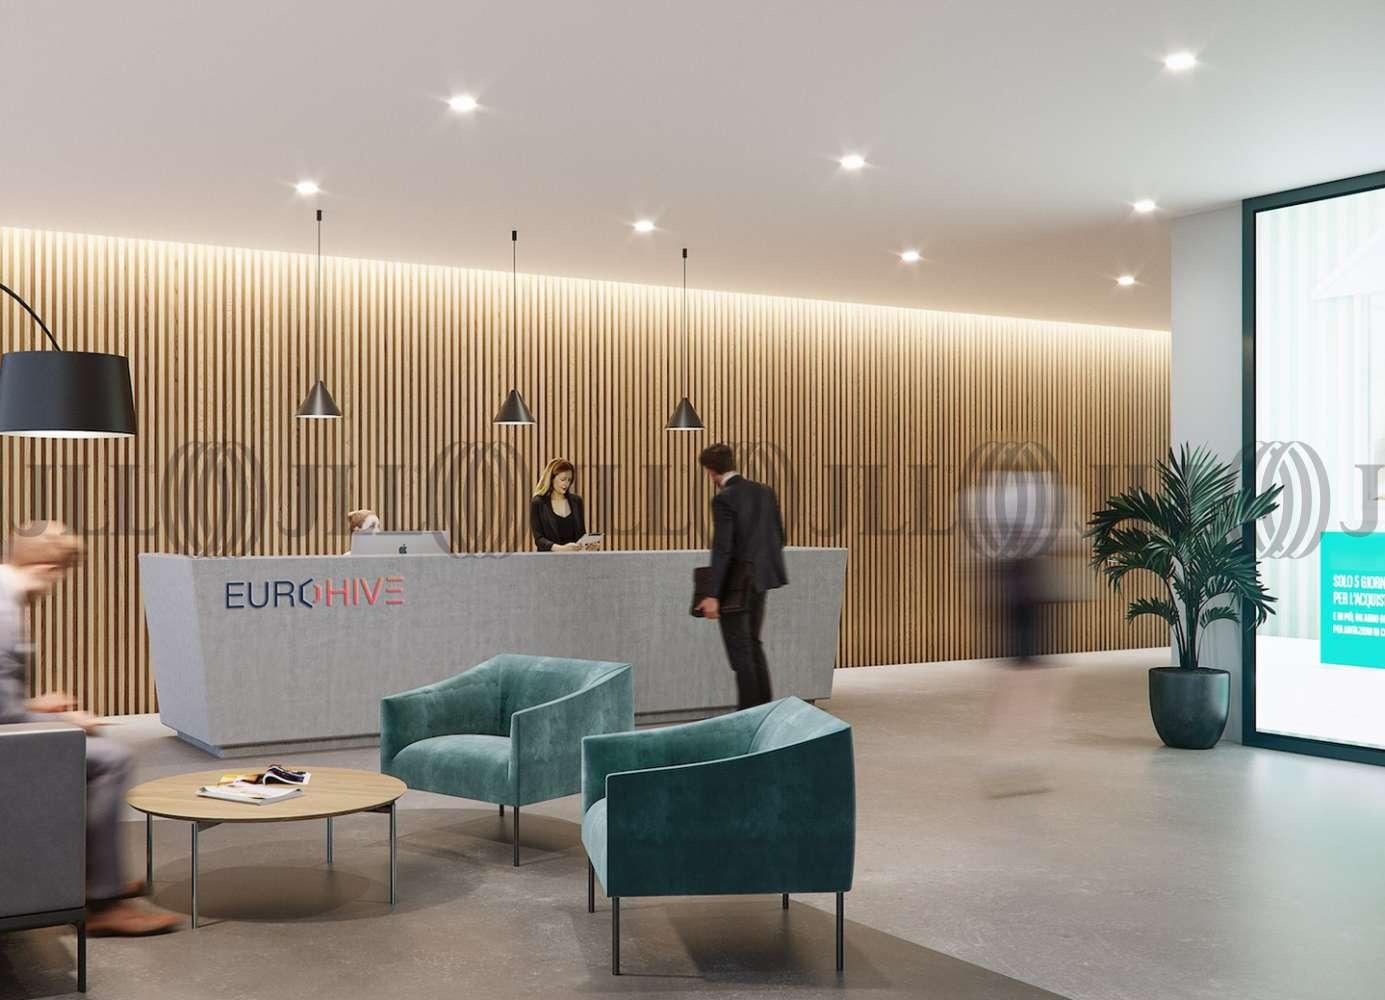 Ufficio , 00144 - EUROHIVE